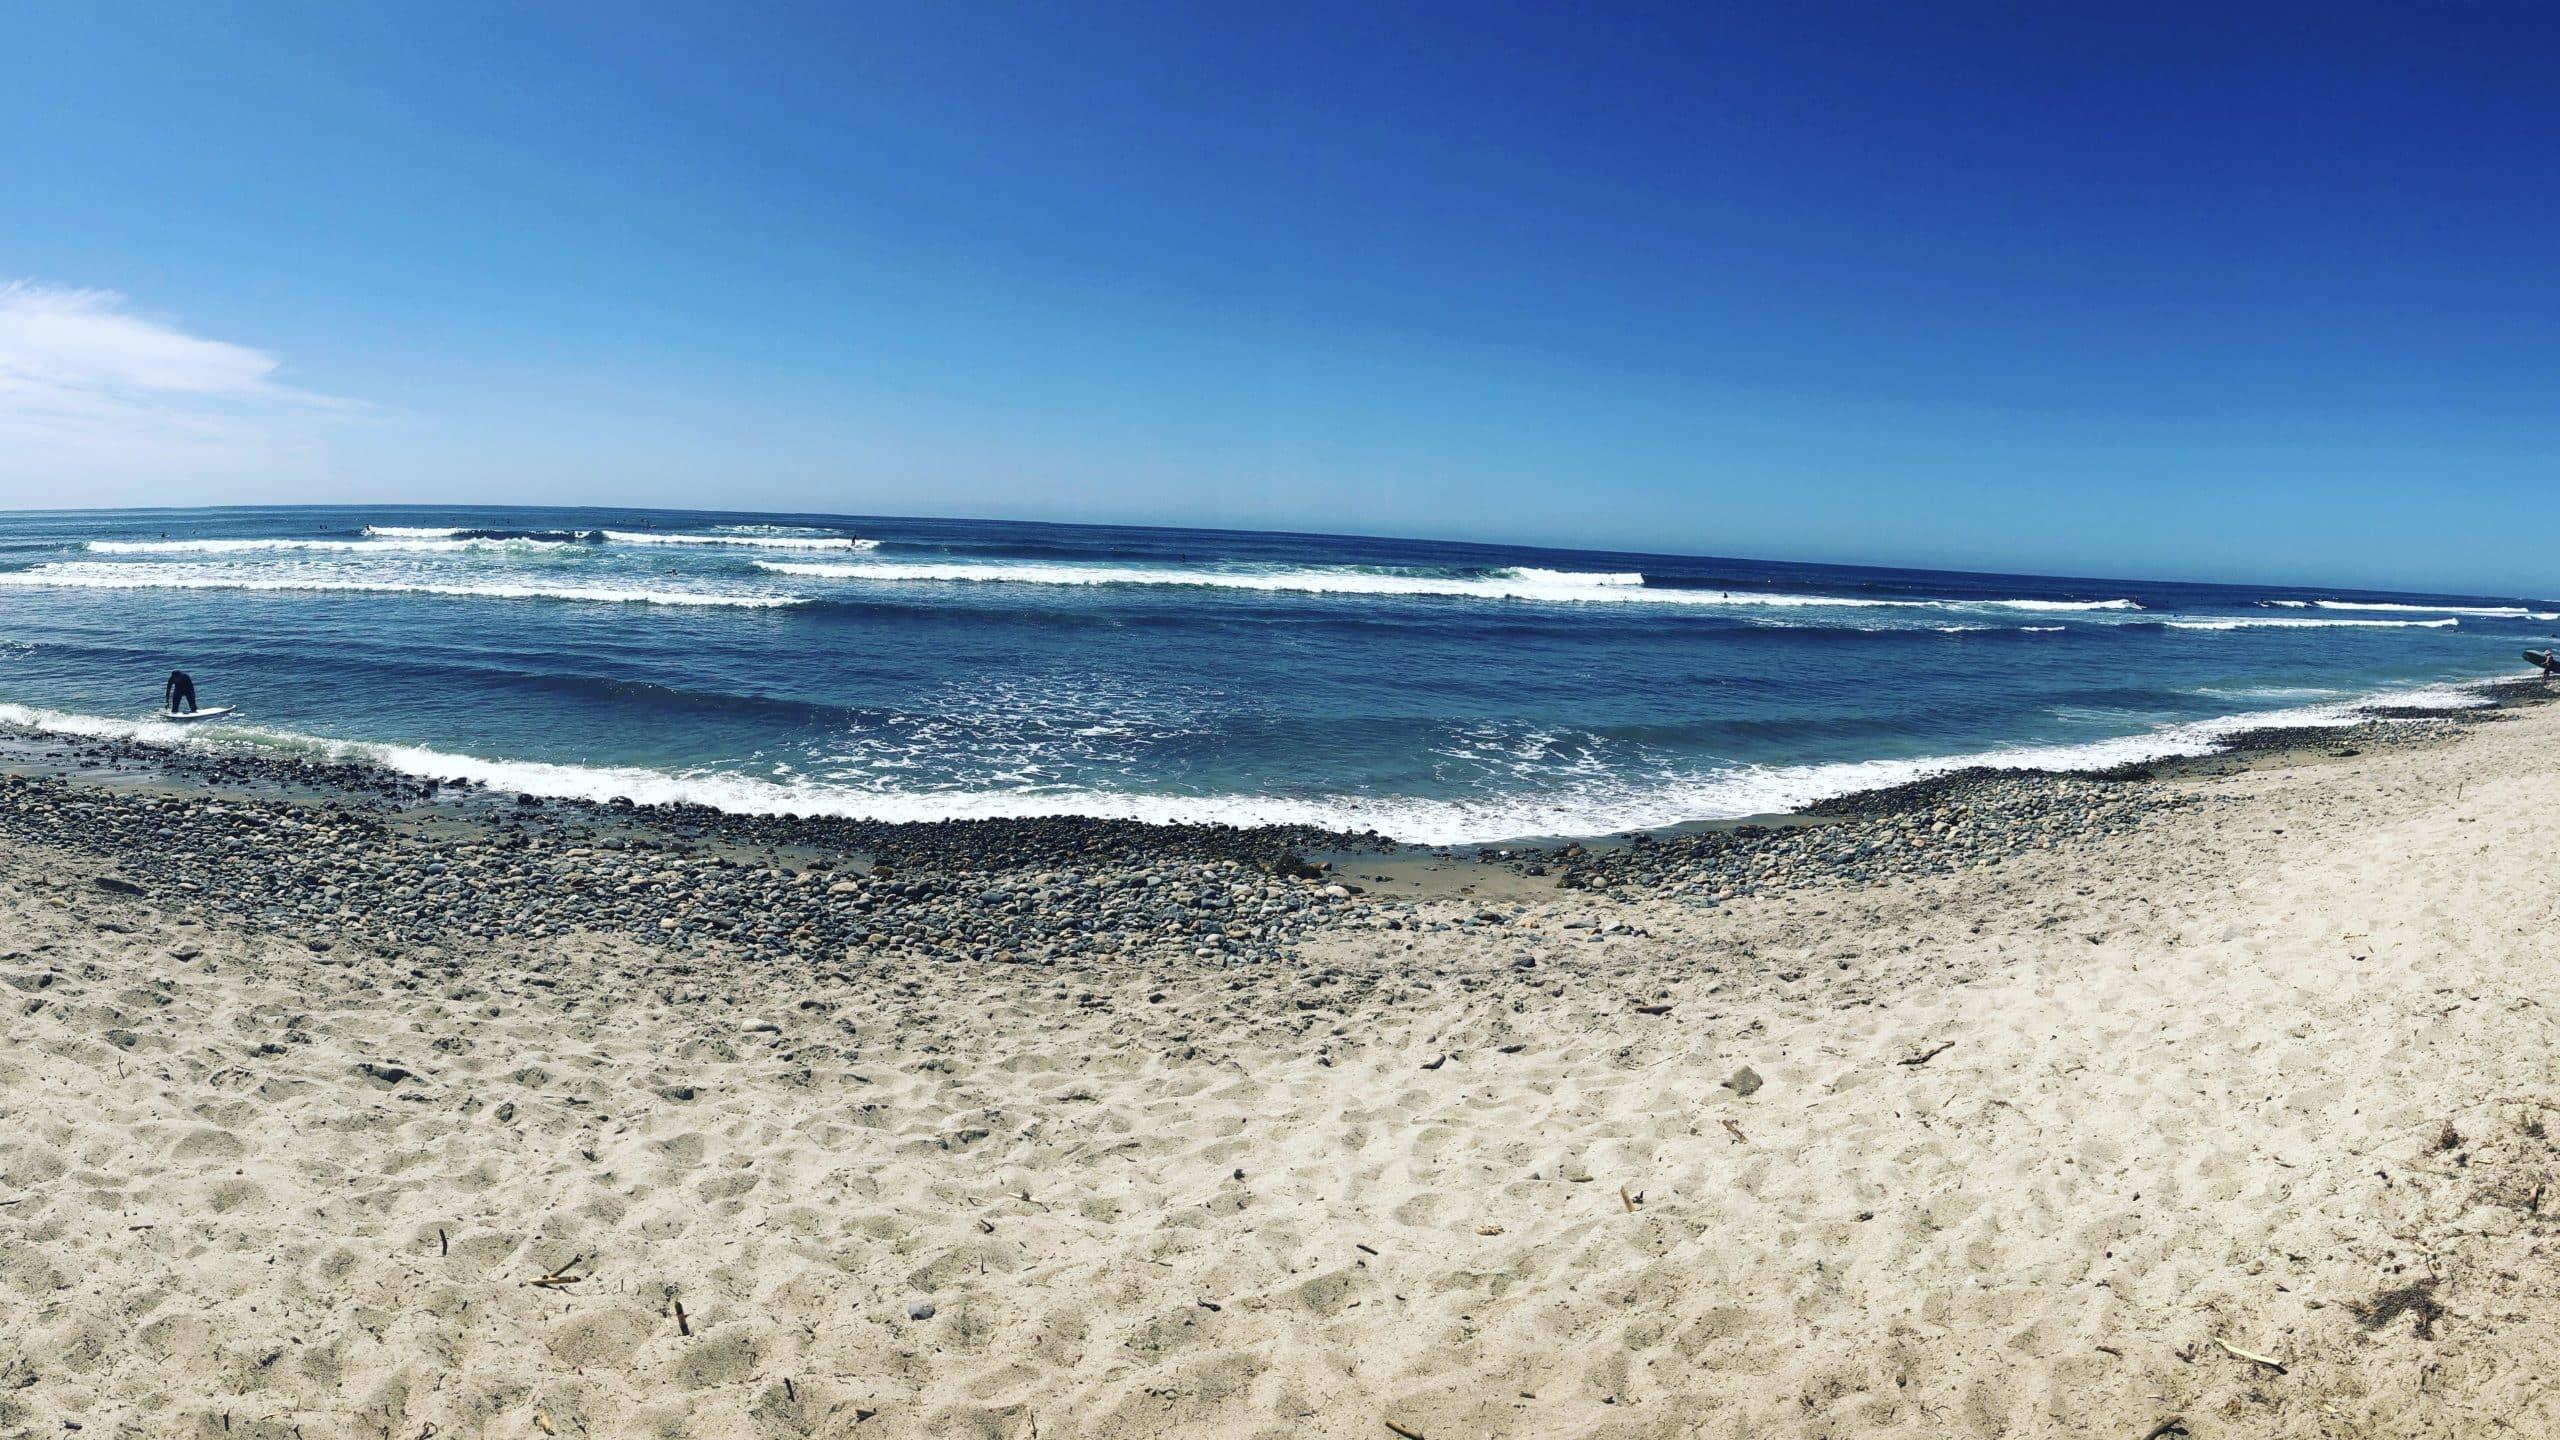 Das Meer am San Onofre State Beach